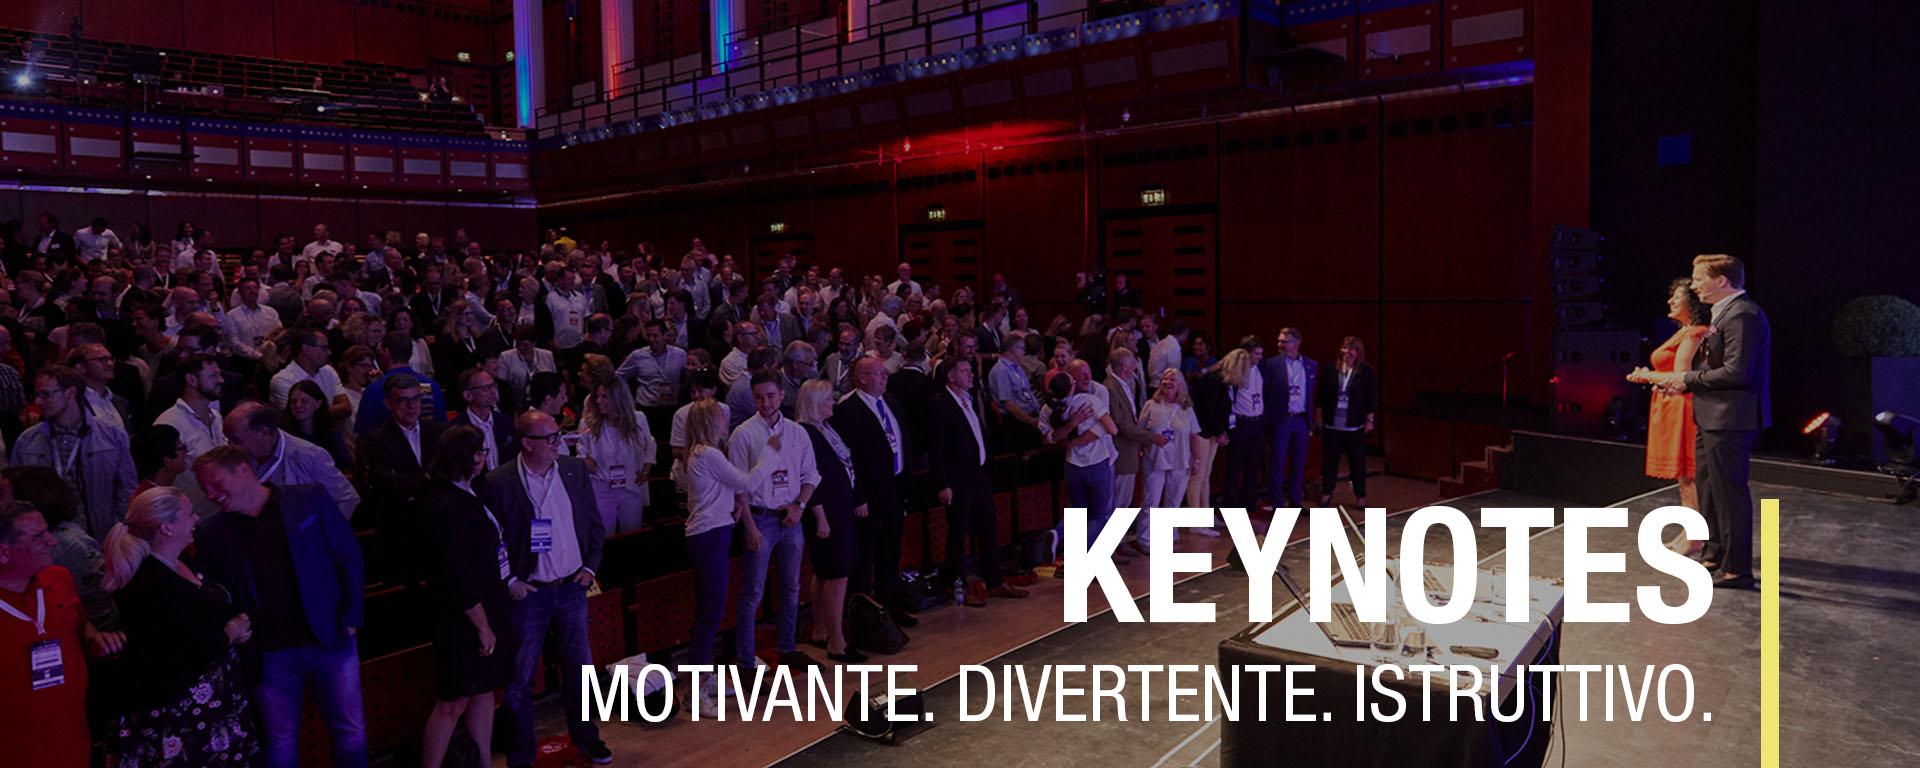 Presentazione, keynote, sviluppo della squadra, team building